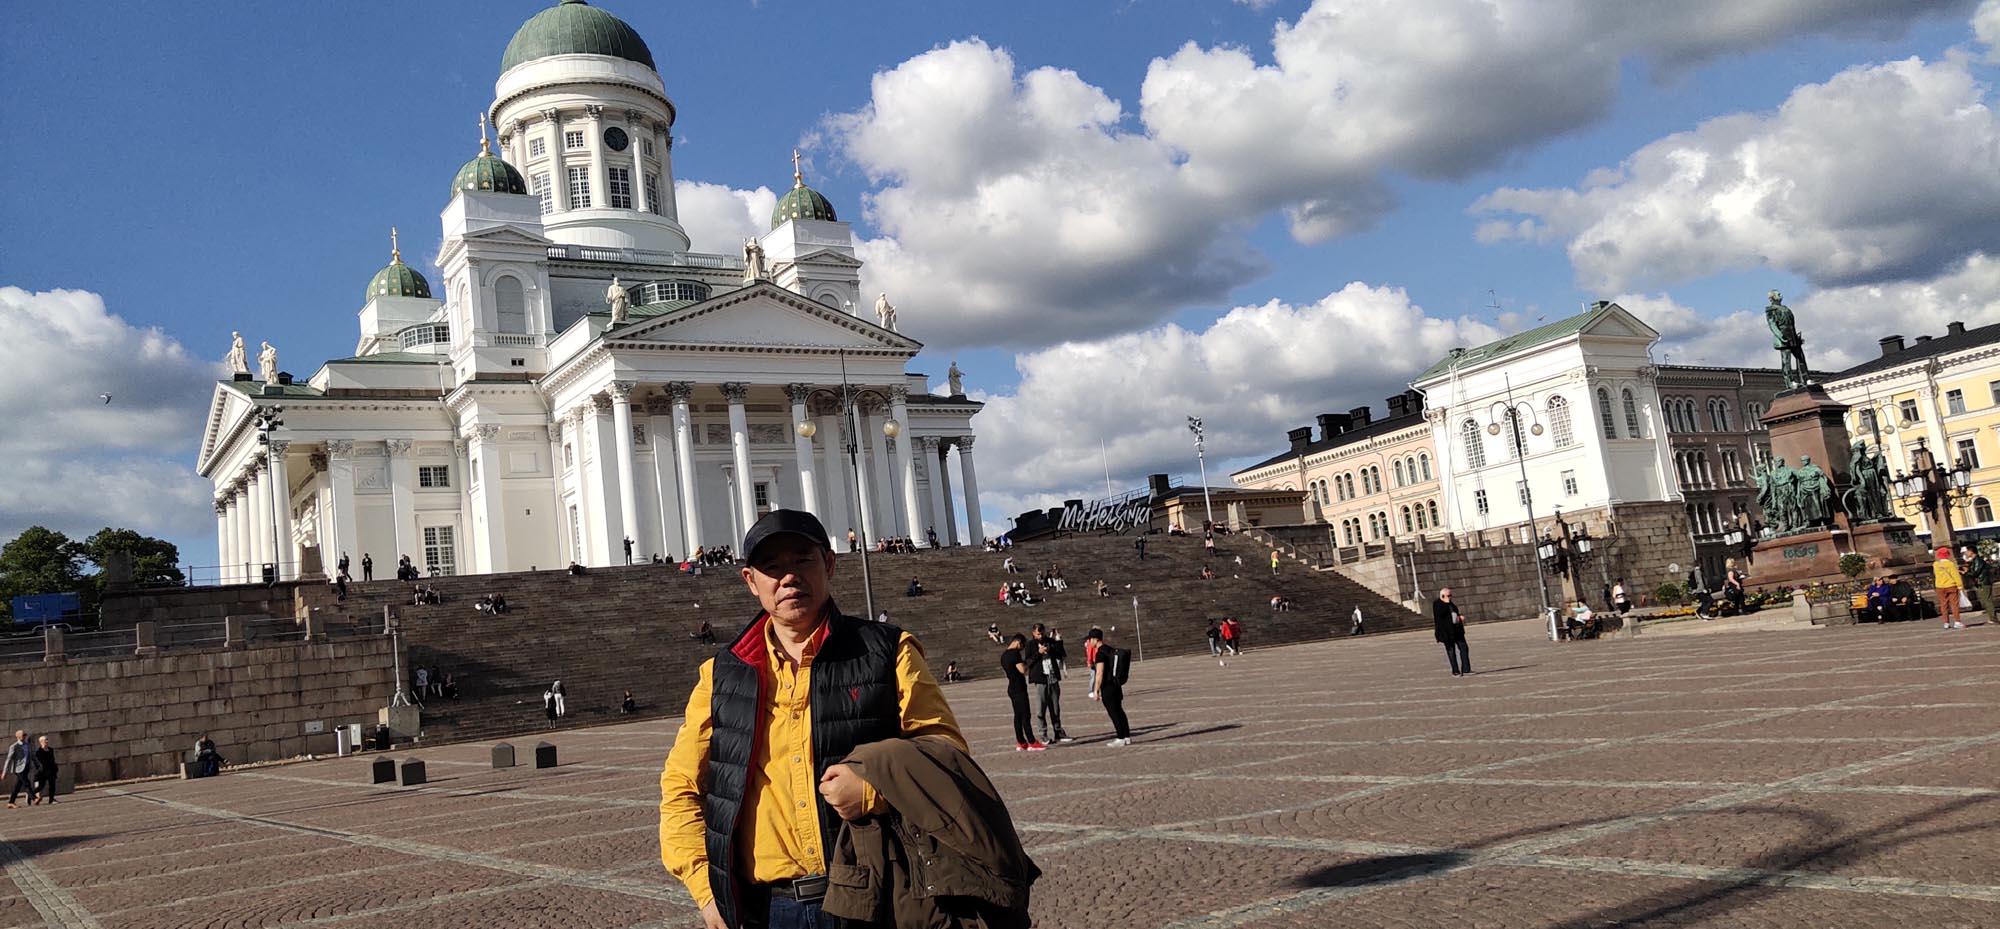 周逢俊照片在芬兰教堂